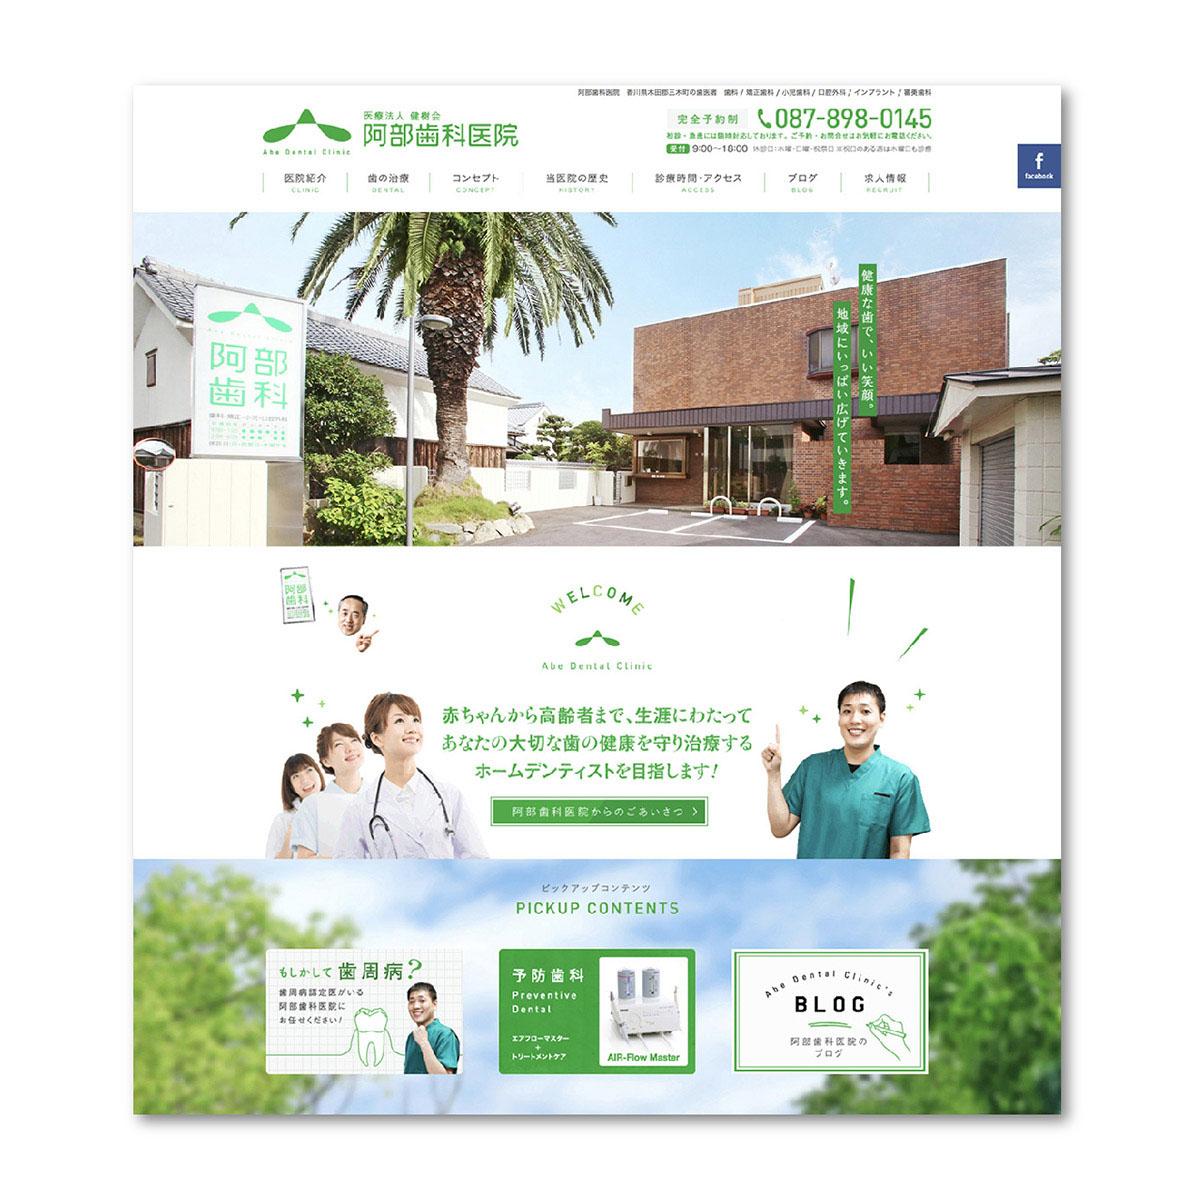 阿部歯科医院 ウェブサイト